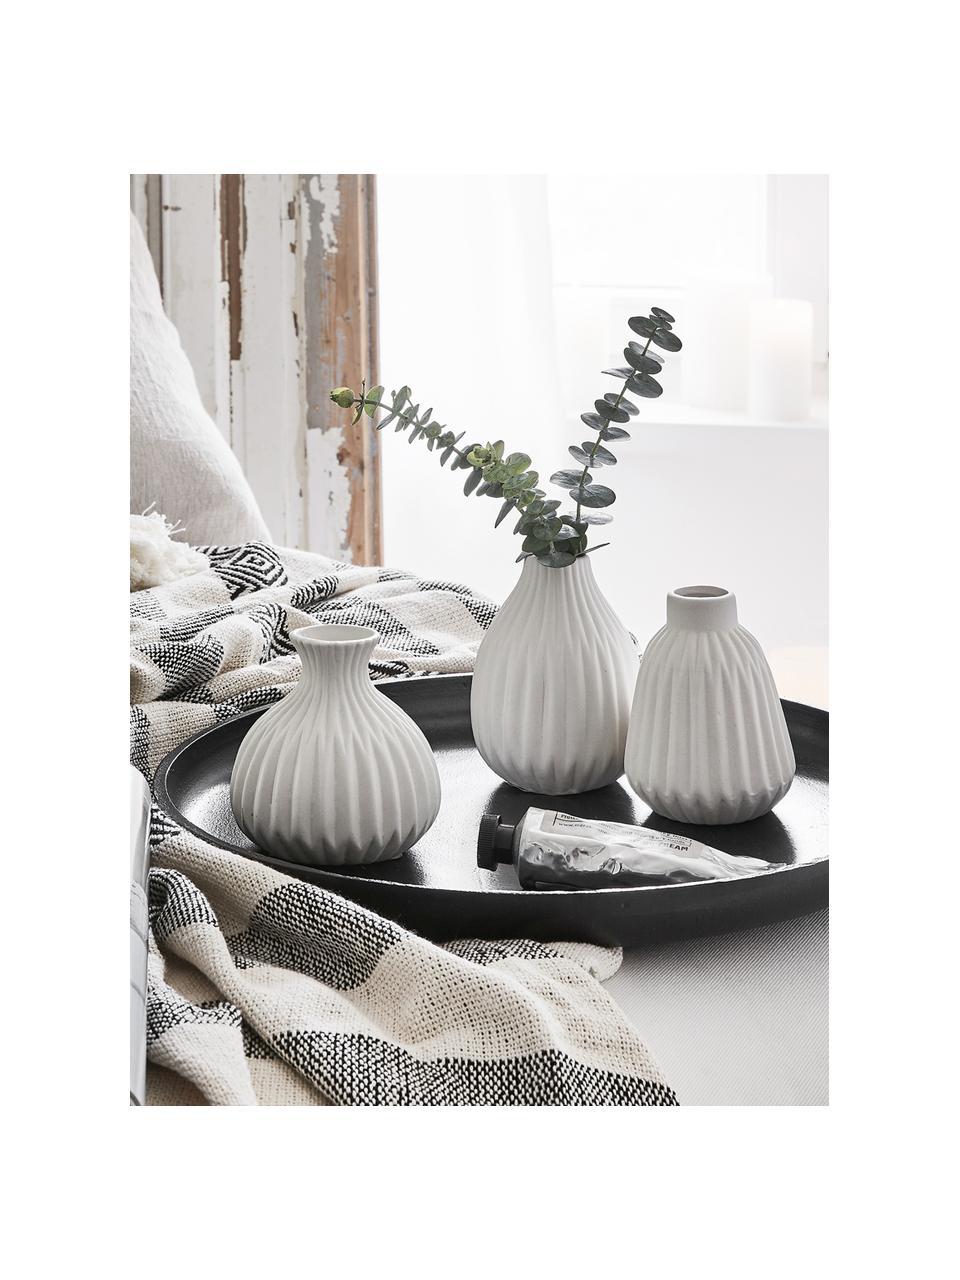 Set 3 vasi di design Palo, Porcellana, Superficie ruvida bianca, non satinata, Set in varie misure